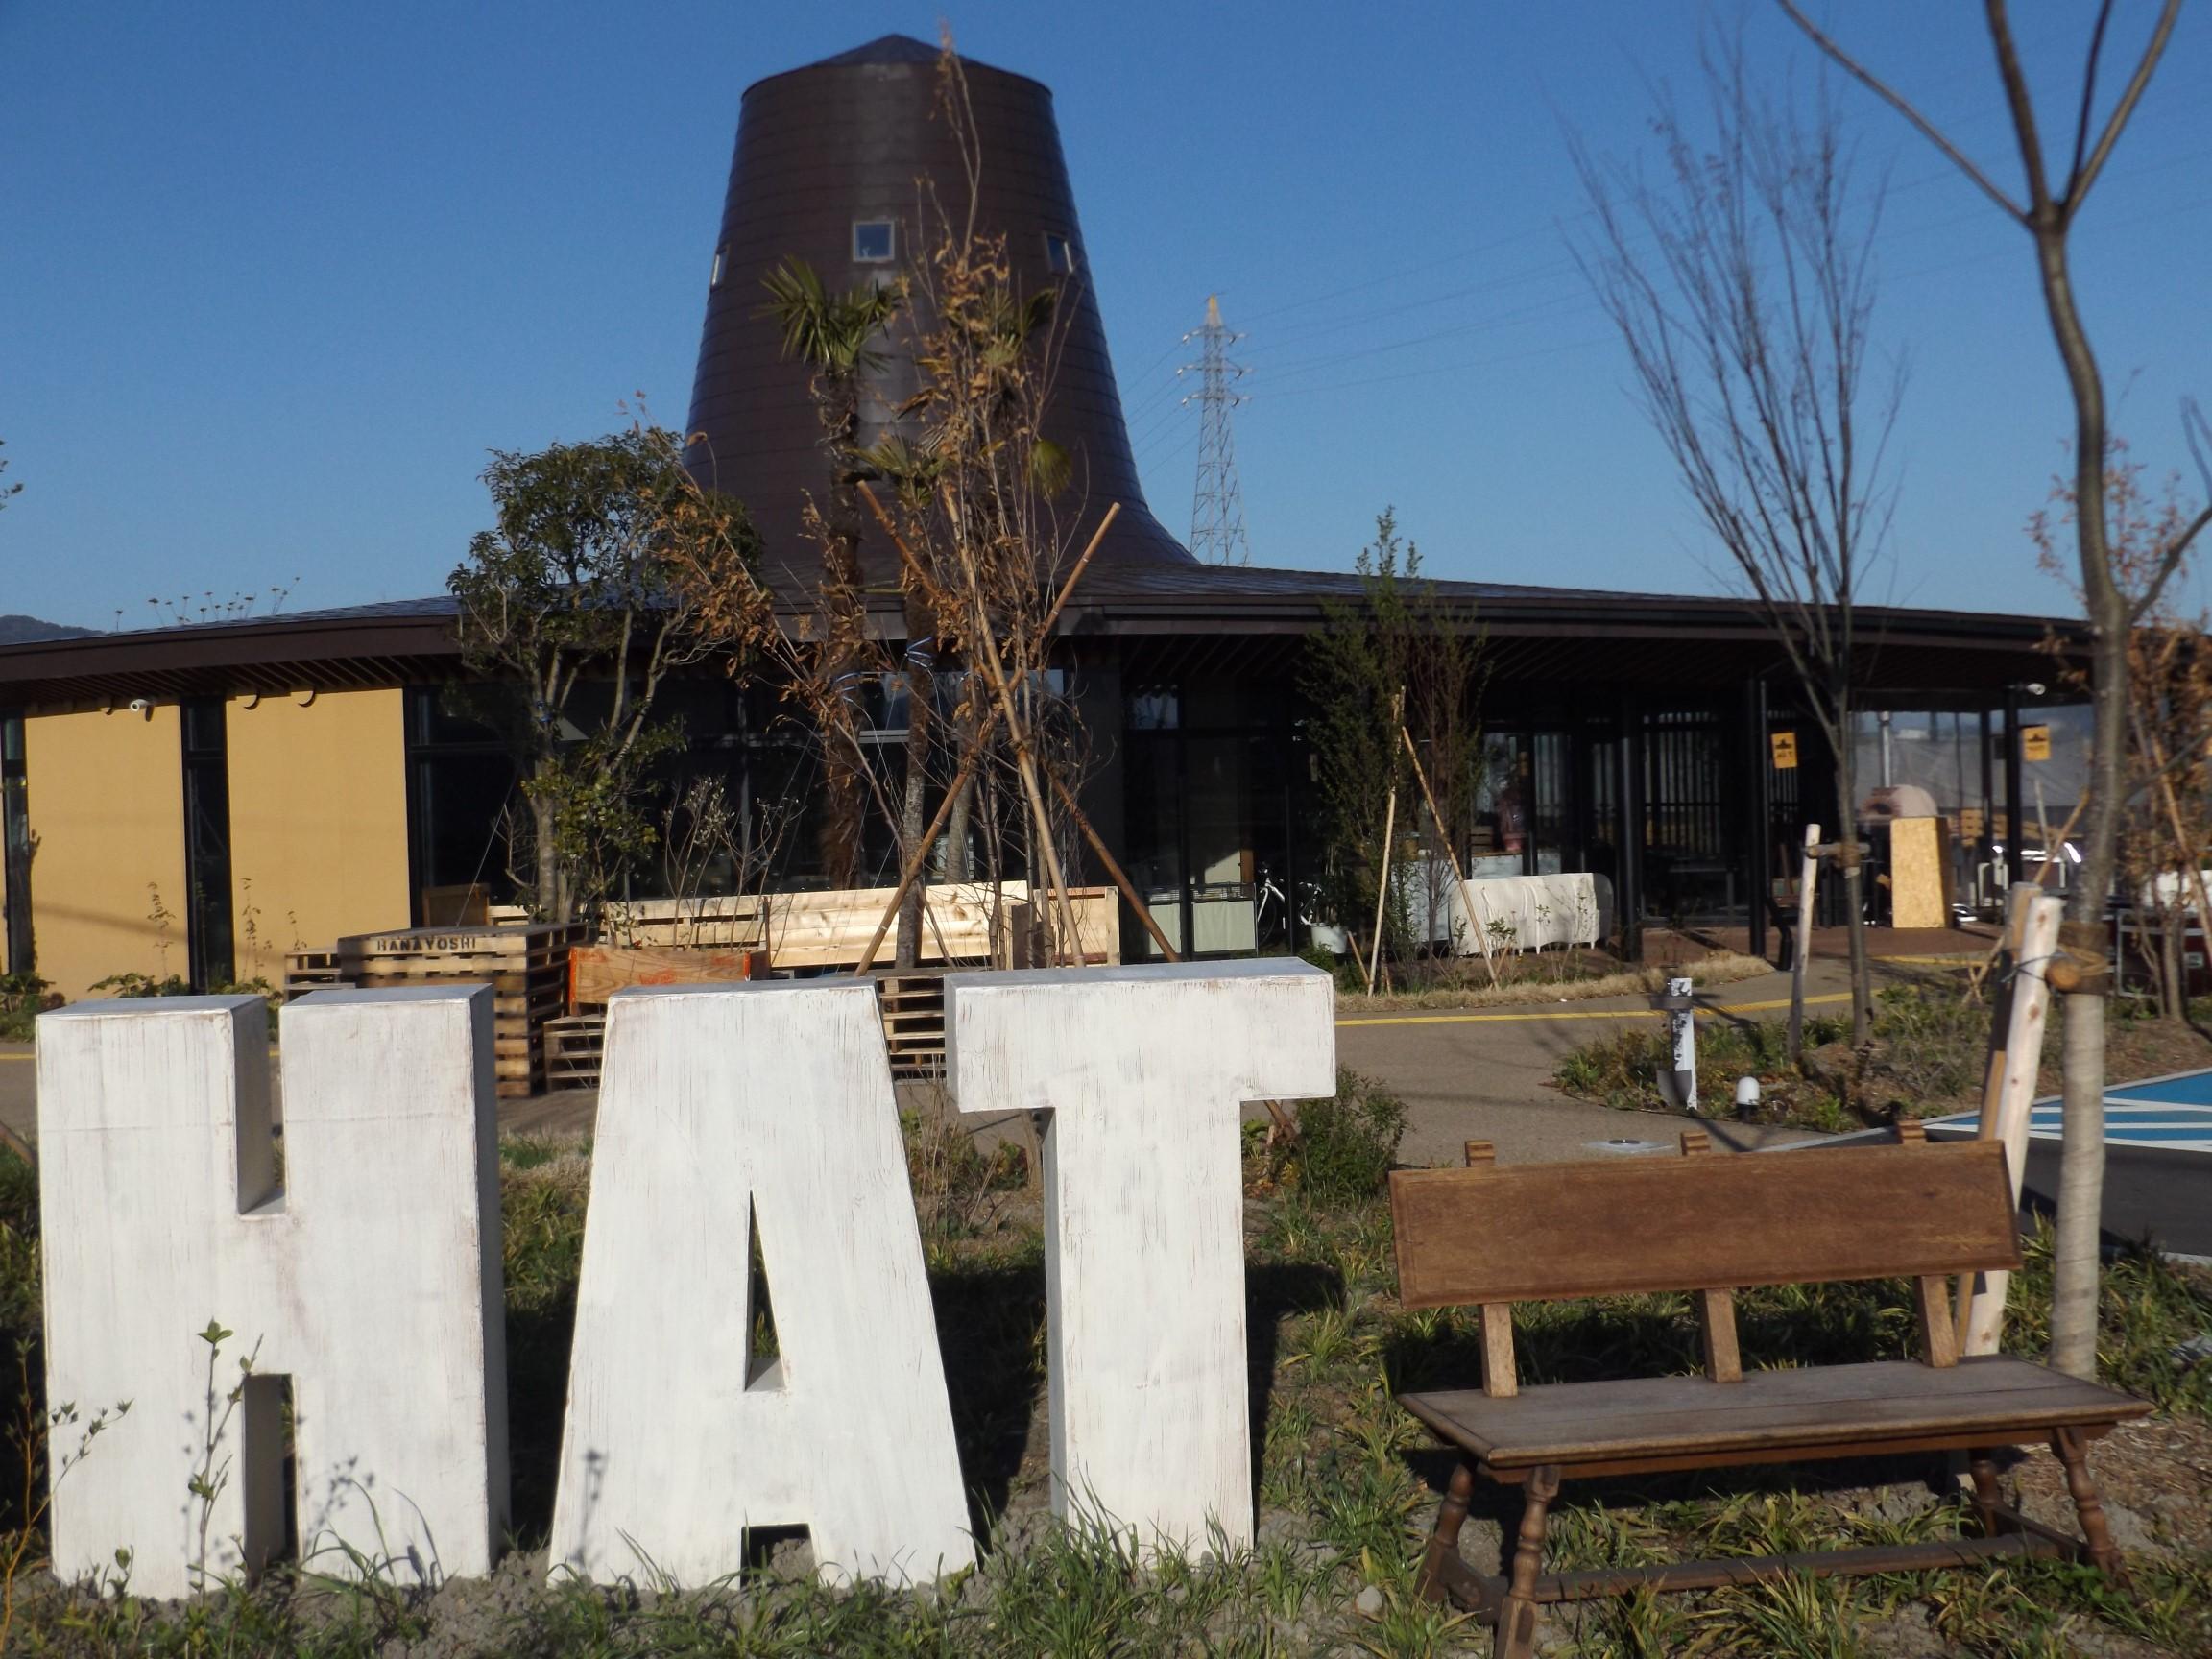 【4/27開店】HAT「湖南市 食べる・見る・遊ぶ ハッとする出会いがここに」